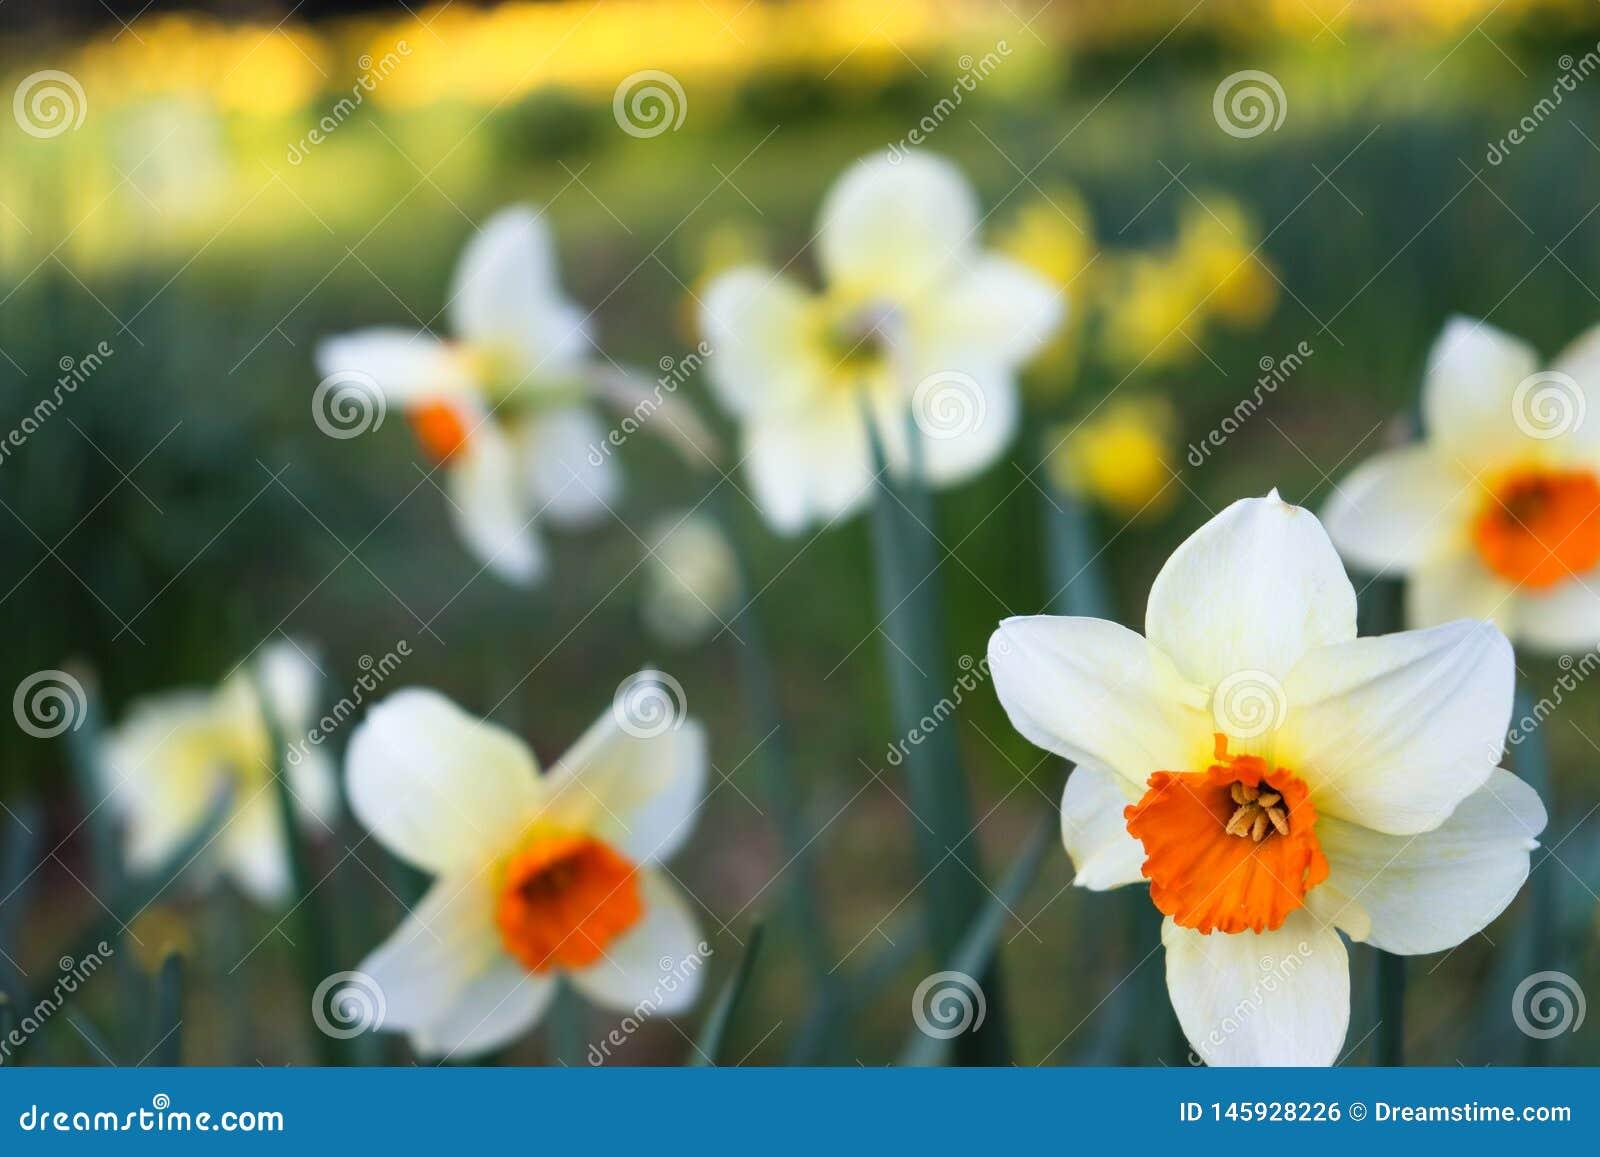 Vit/röd blomma i förgrund med suddig bakgrund